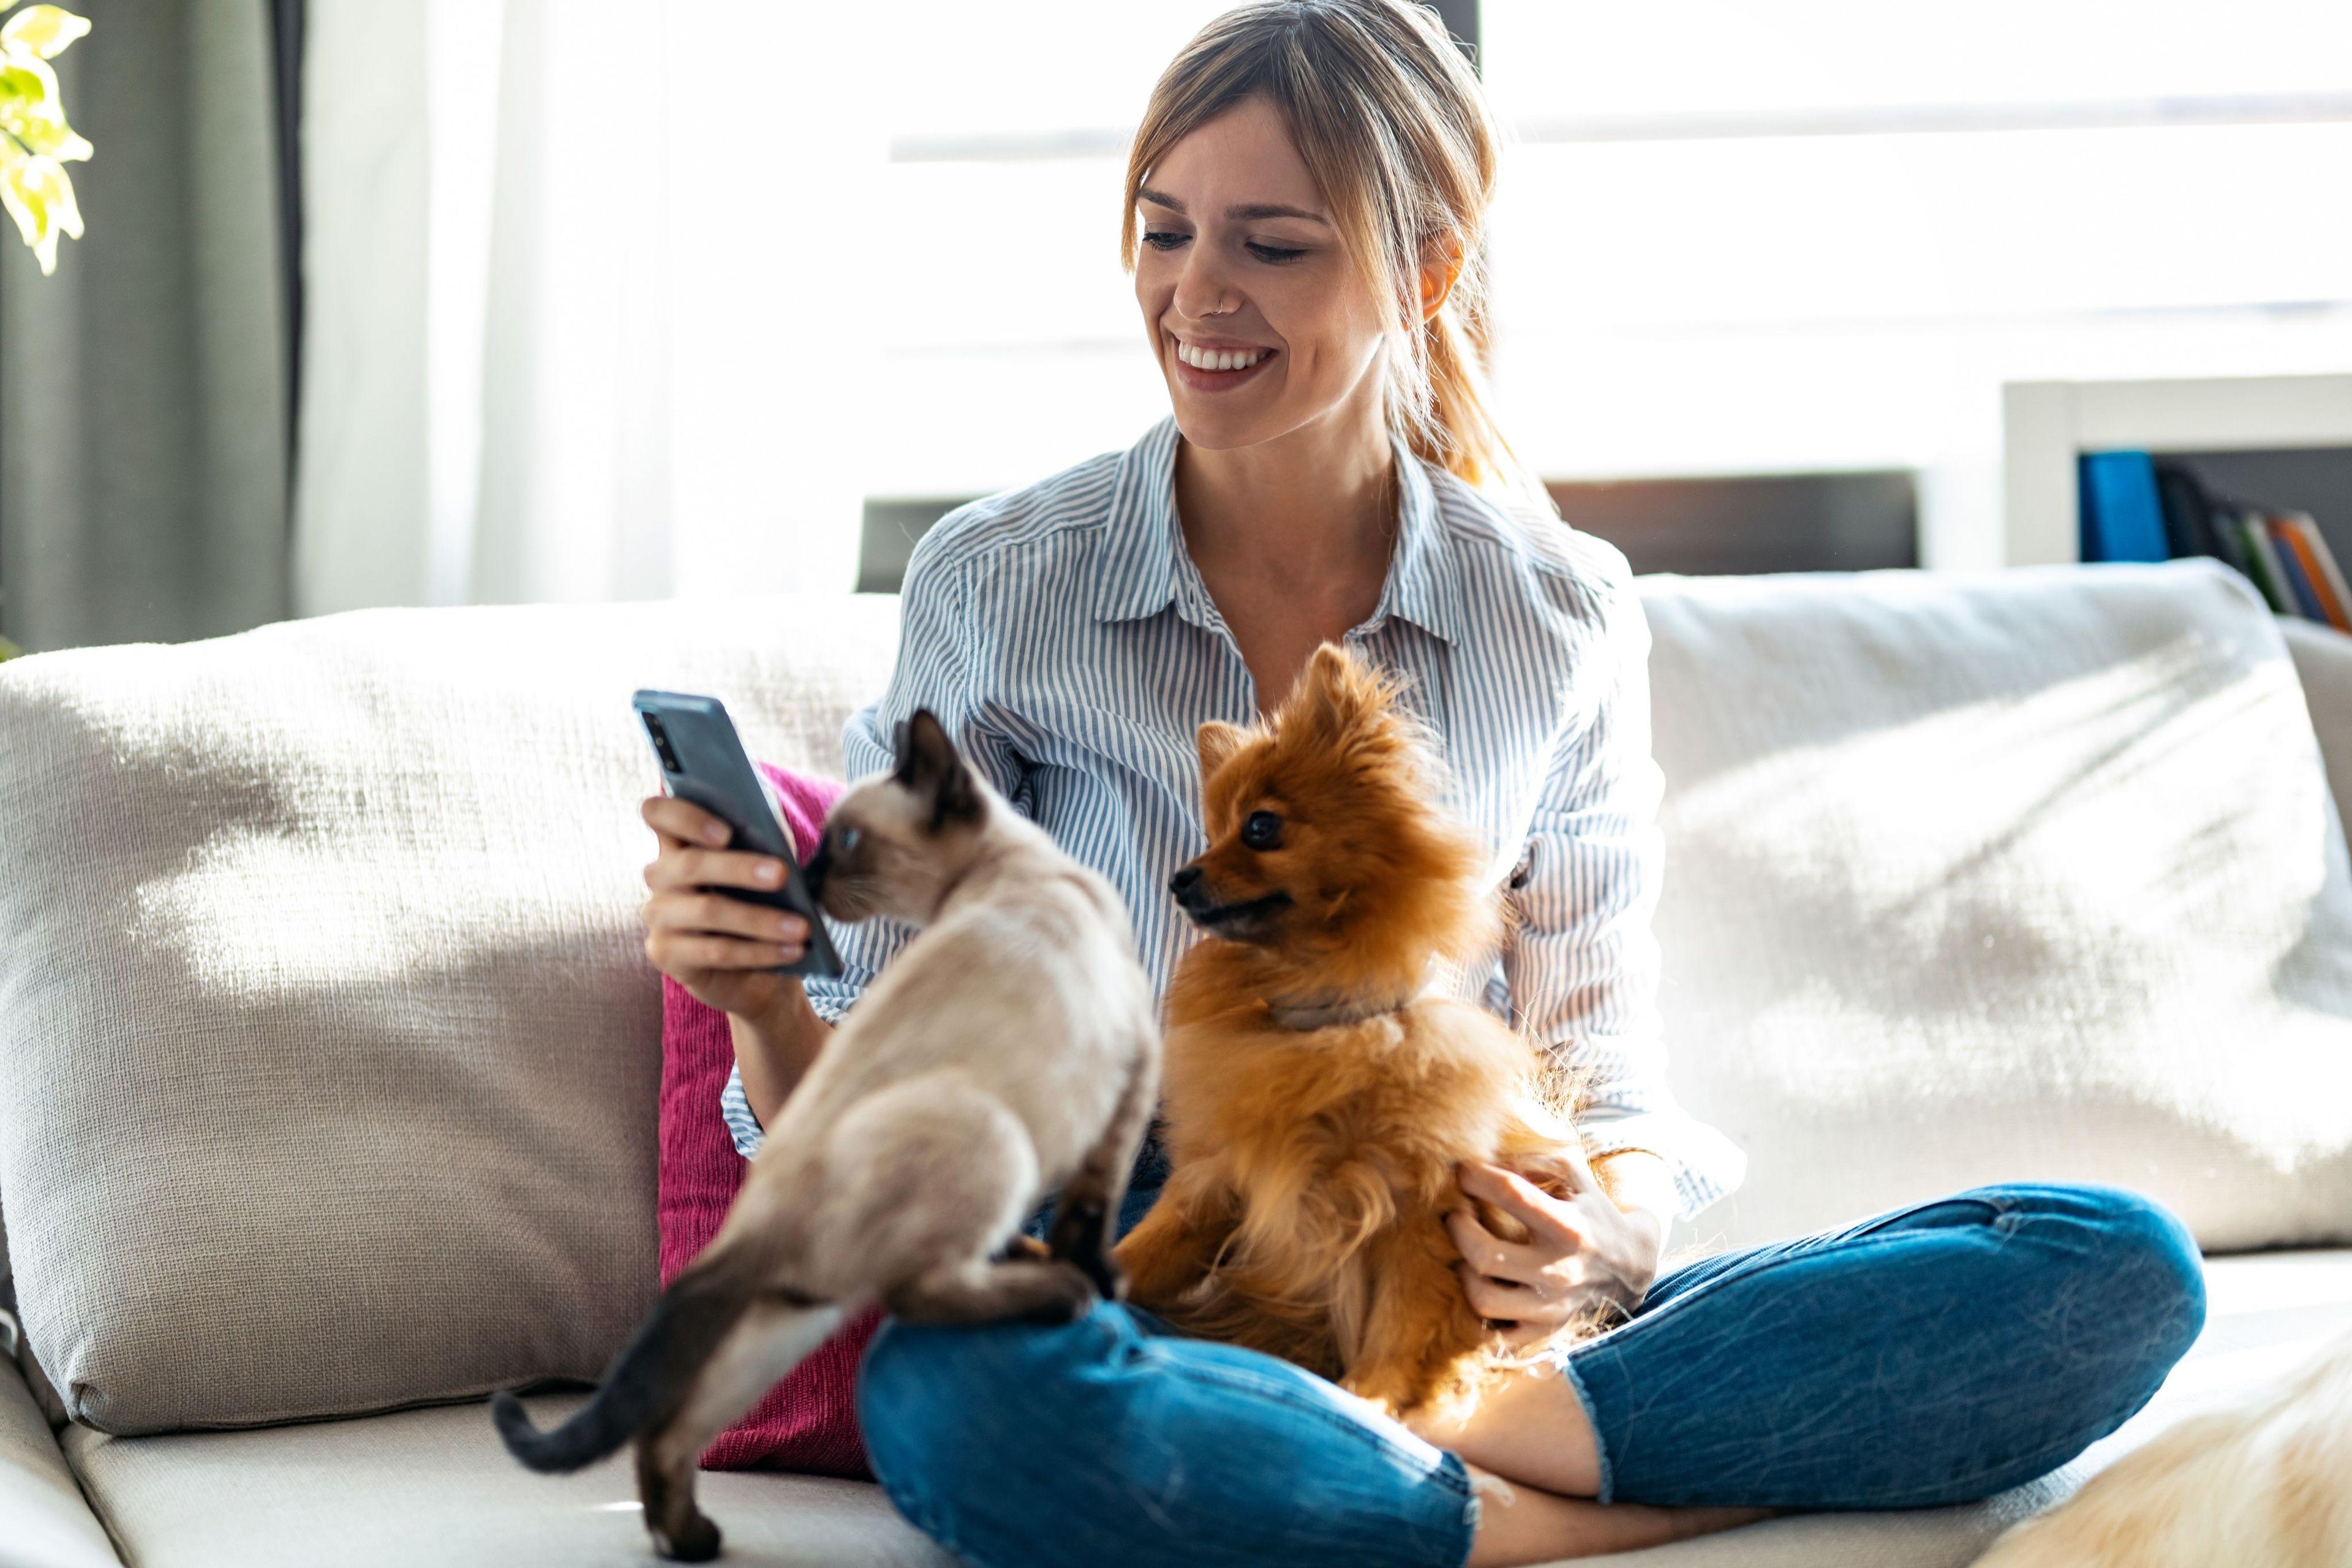 Una donna con un gatto e un cane